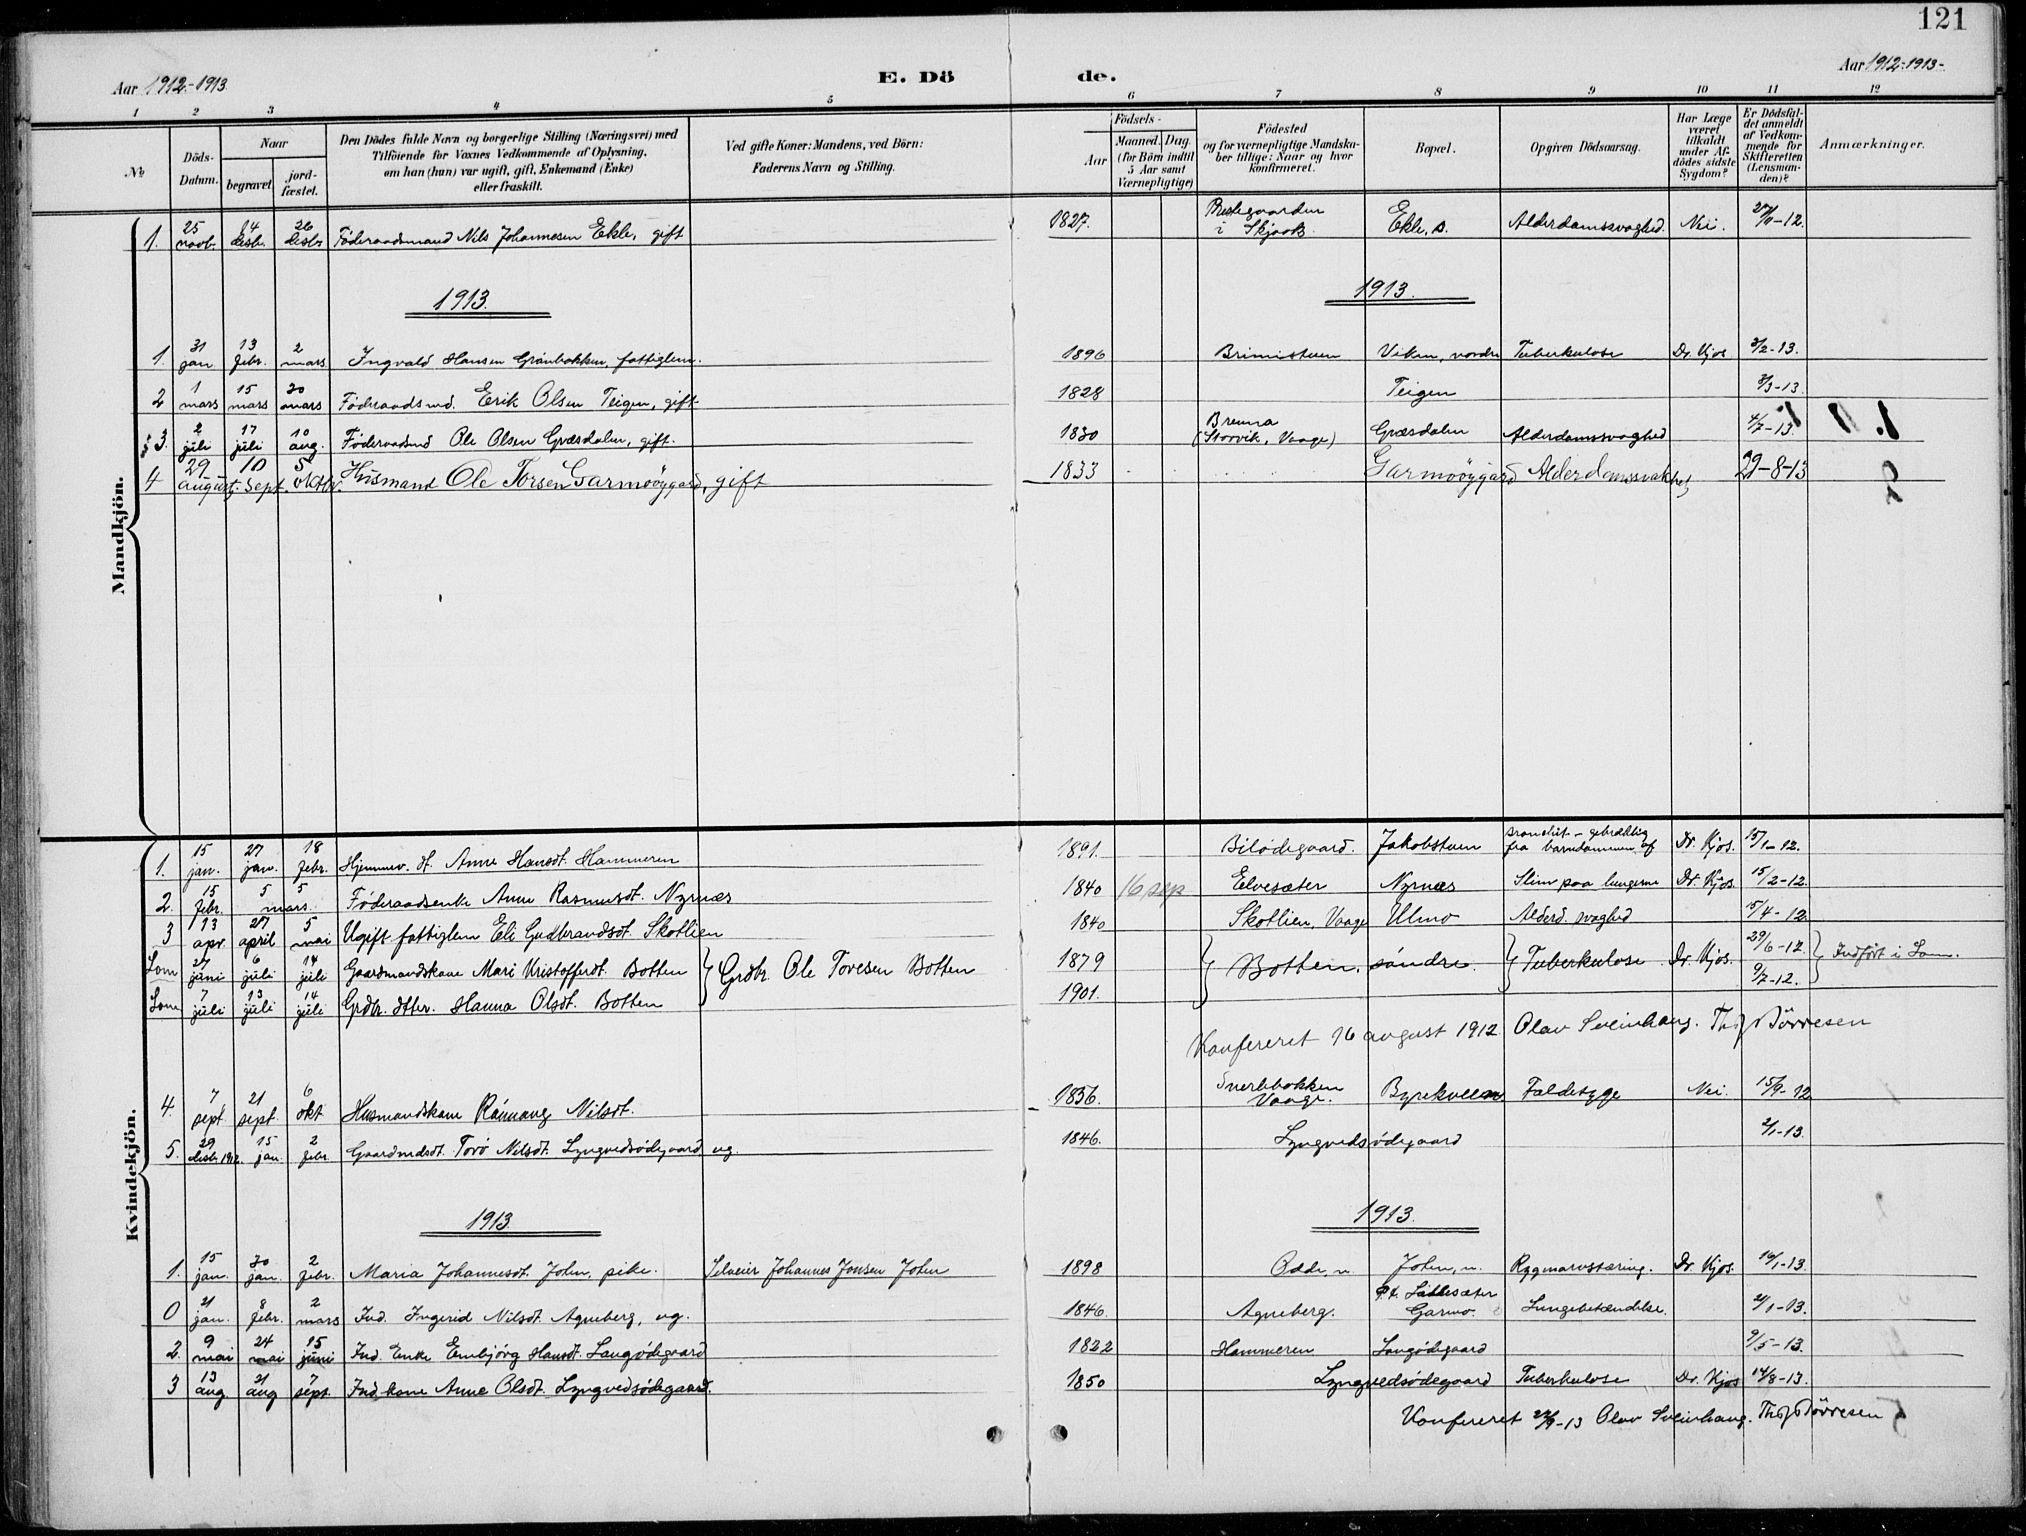 SAH, Lom prestekontor, L/L0006: Klokkerbok nr. 6, 1901-1939, s. 121